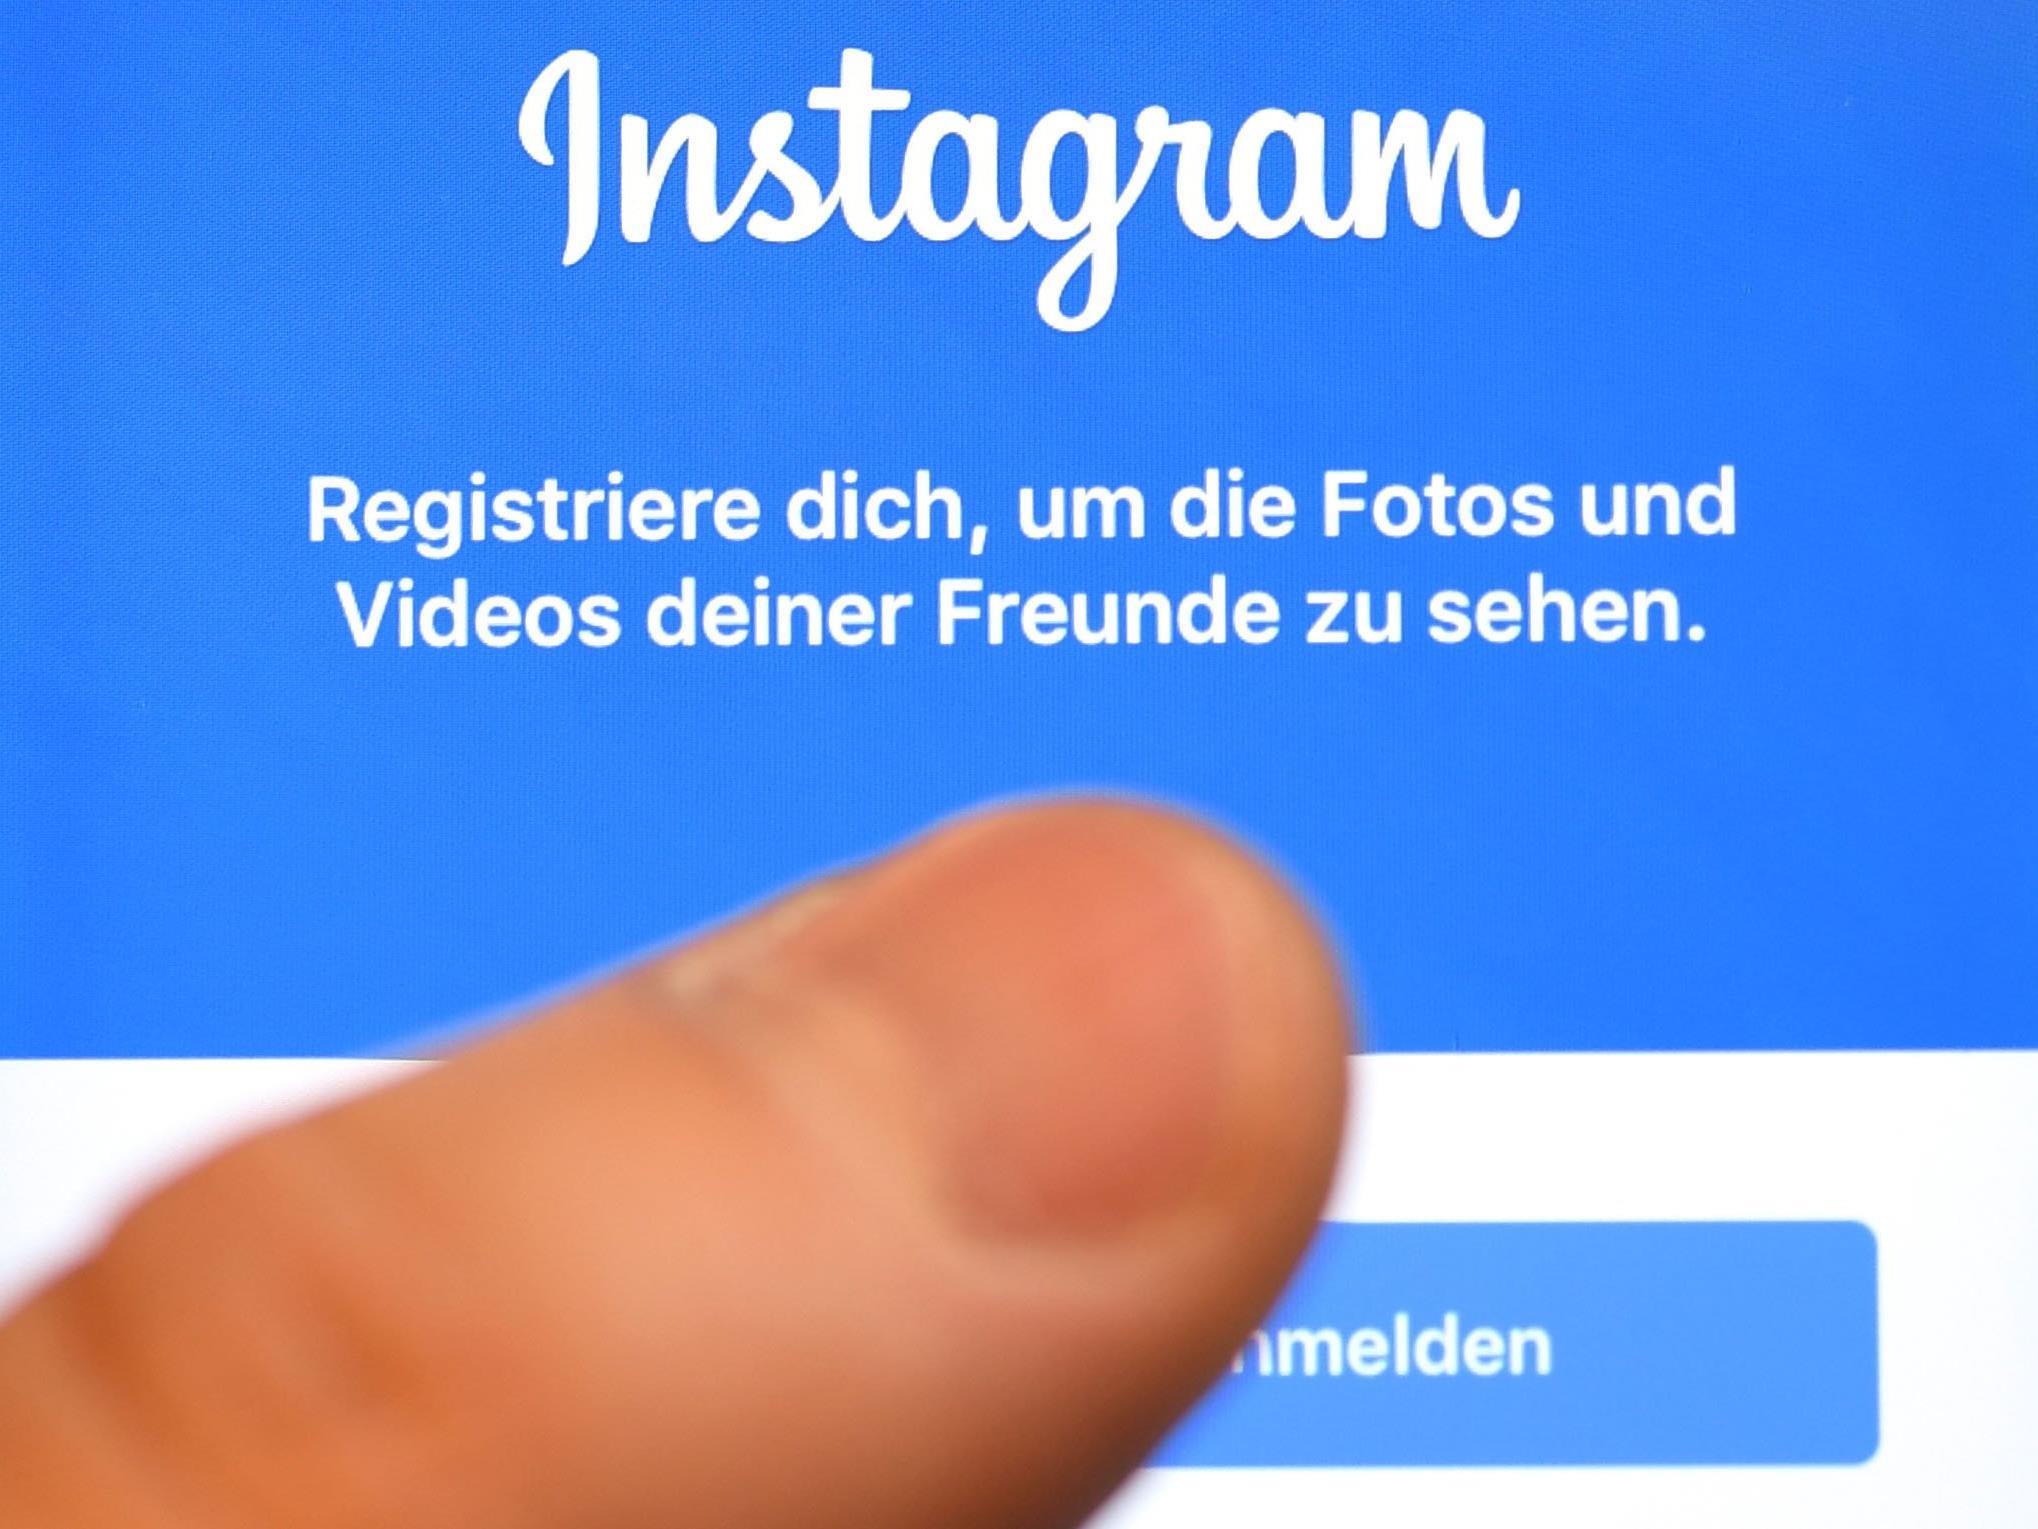 Instagramm will Pinterest Konkurrenz machen.